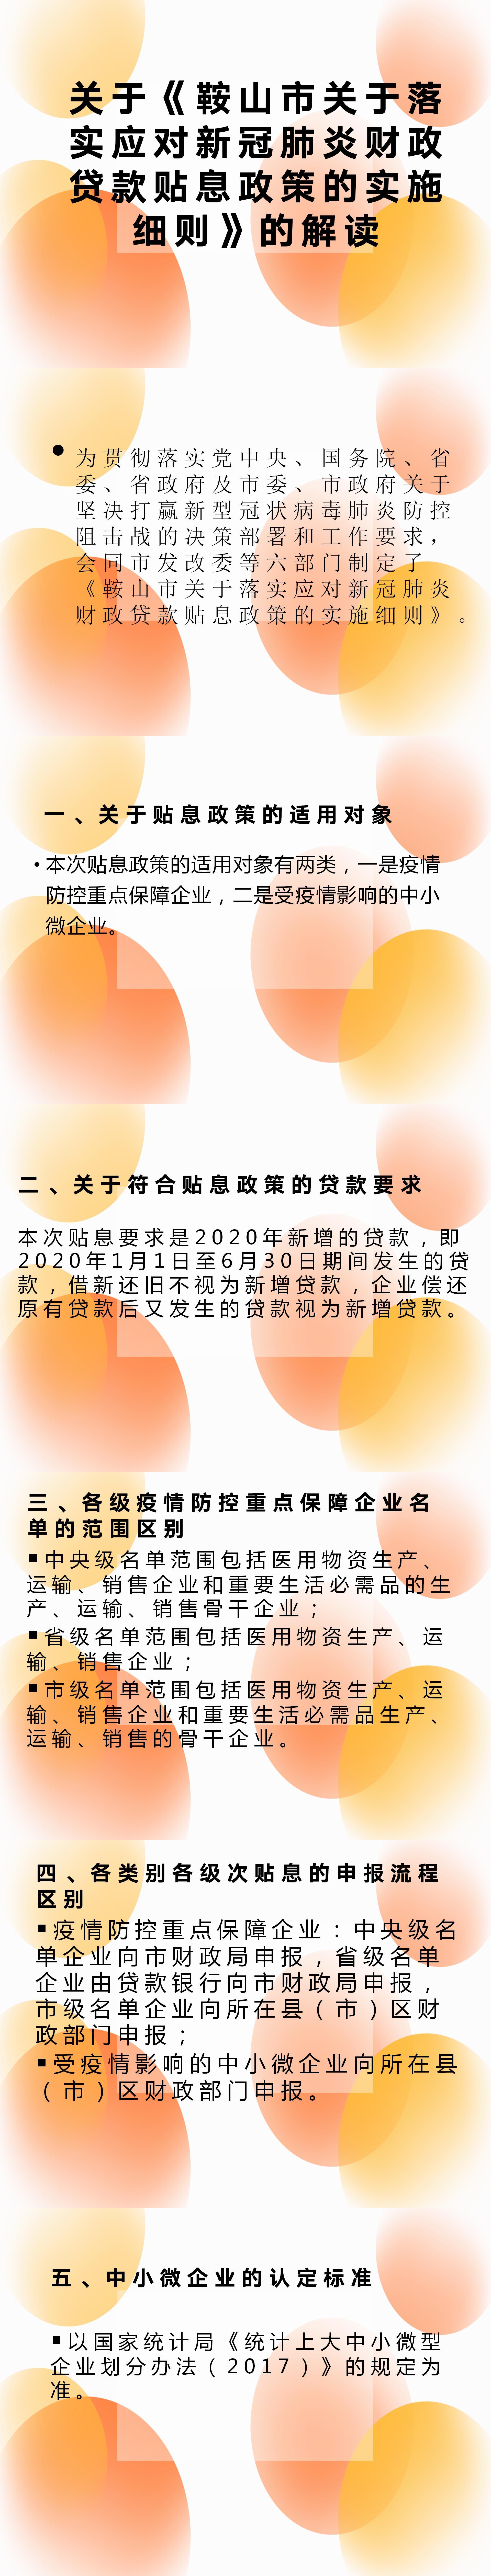 PPT关于《鞍山市关于落实新冠肺炎财政贴息整的实施细则》.jpg